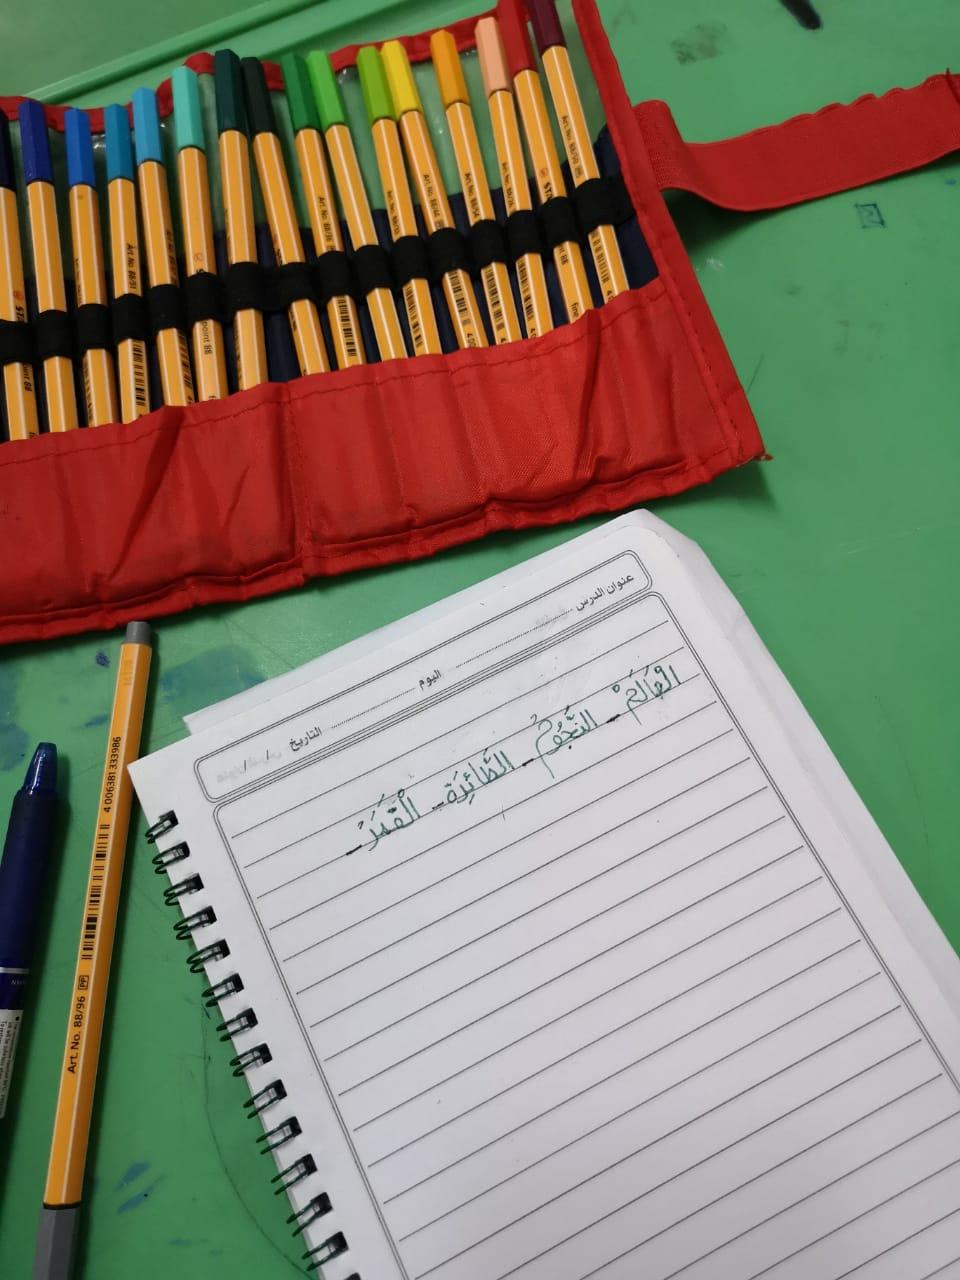 تقدم في مهارات طالبات تعليم الطائف الملتحقات بمشروع أكاديمية الخط العربي والإملاء